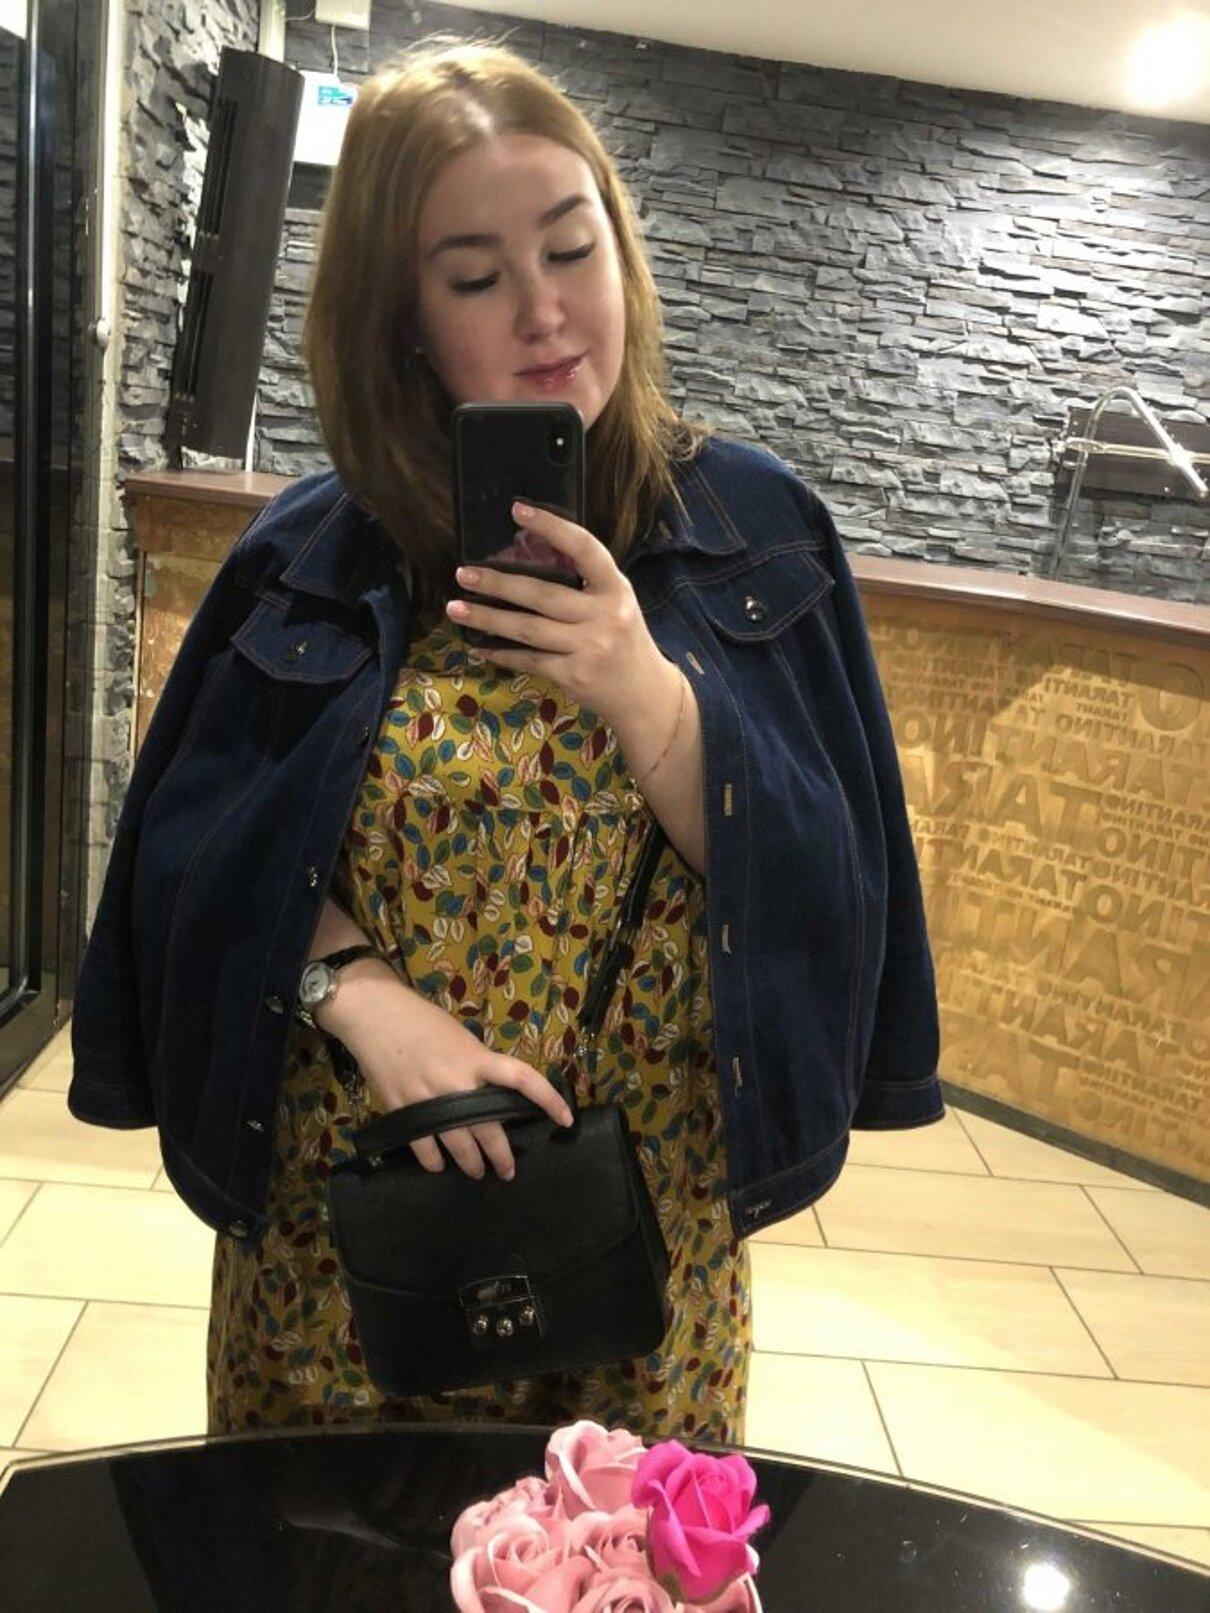 Жалоба-отзыв: Elegance - Elegance. Мошенники – кидалы по продаже одежды.  Фото №2